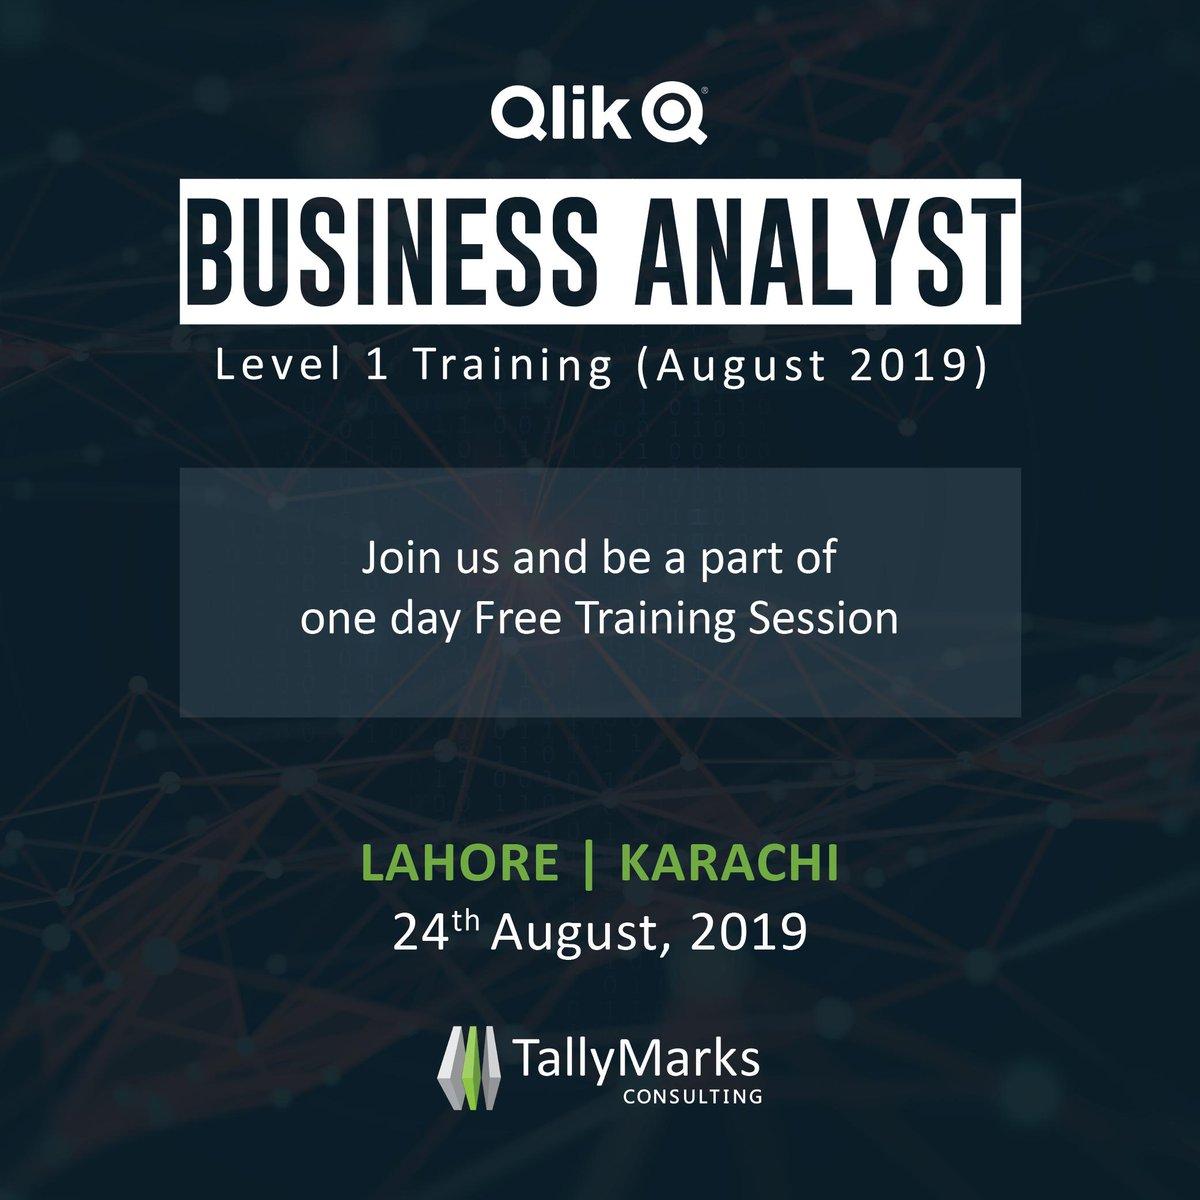 Qlik Pakistan (@QlikPakistan) | Twitter